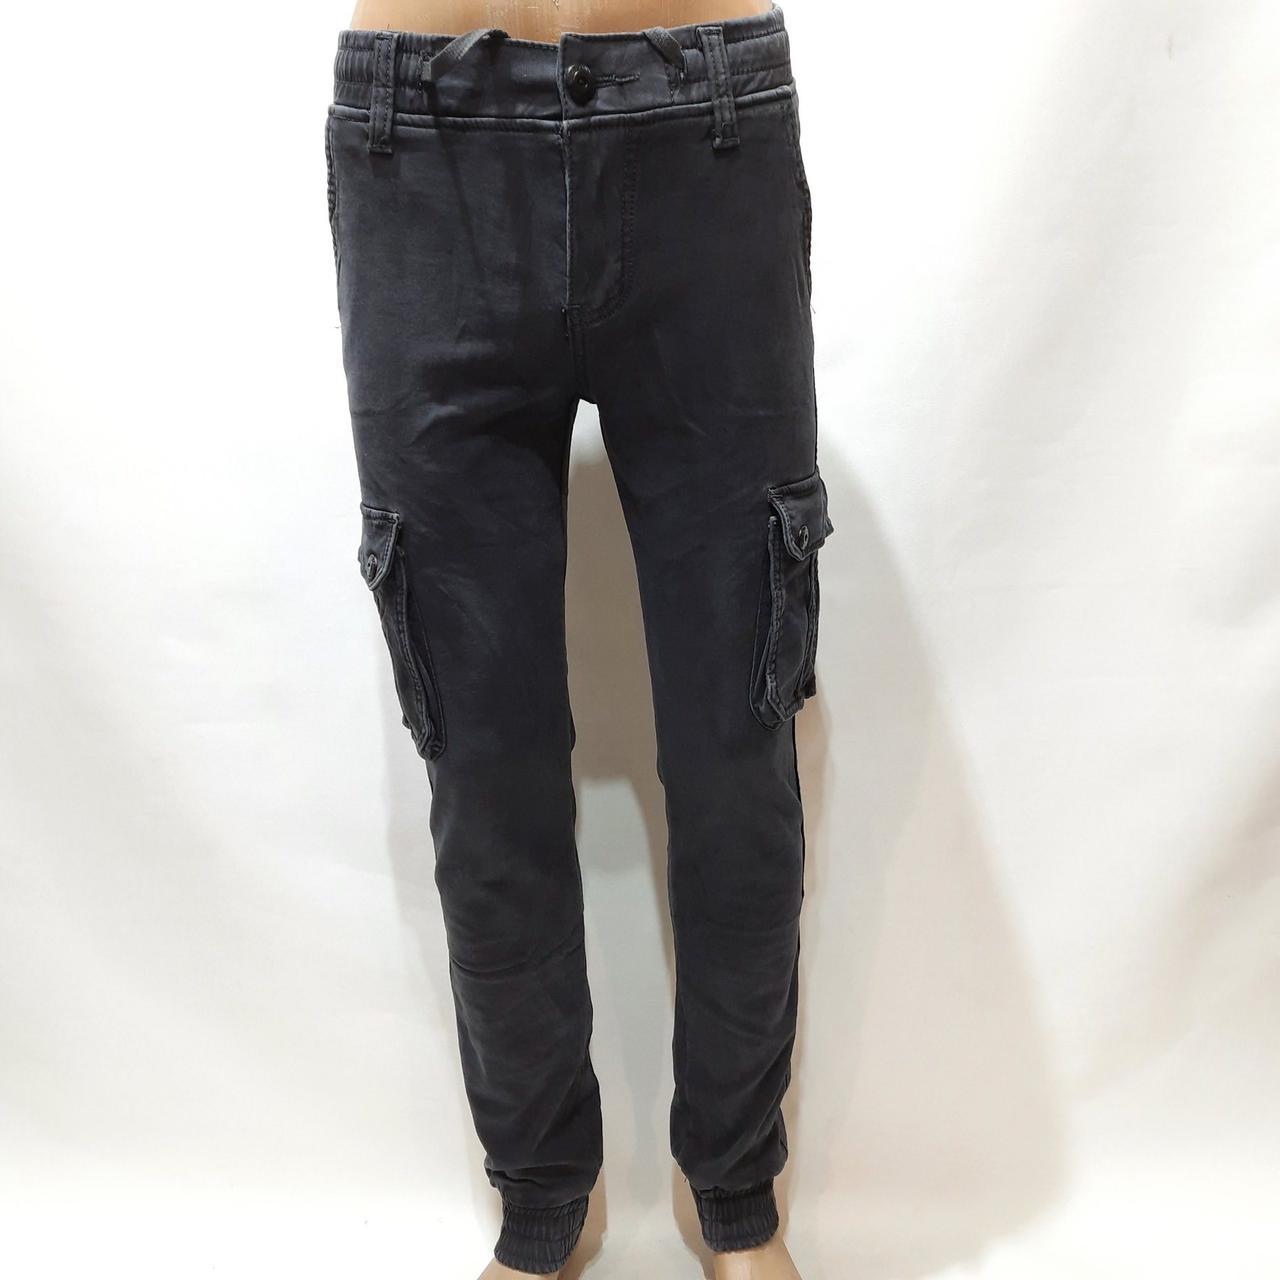 Зимові чоловічі джинси, р. 29,31,33 теплі карго на флісі Reman Denim сірі р. 31,32,33,38